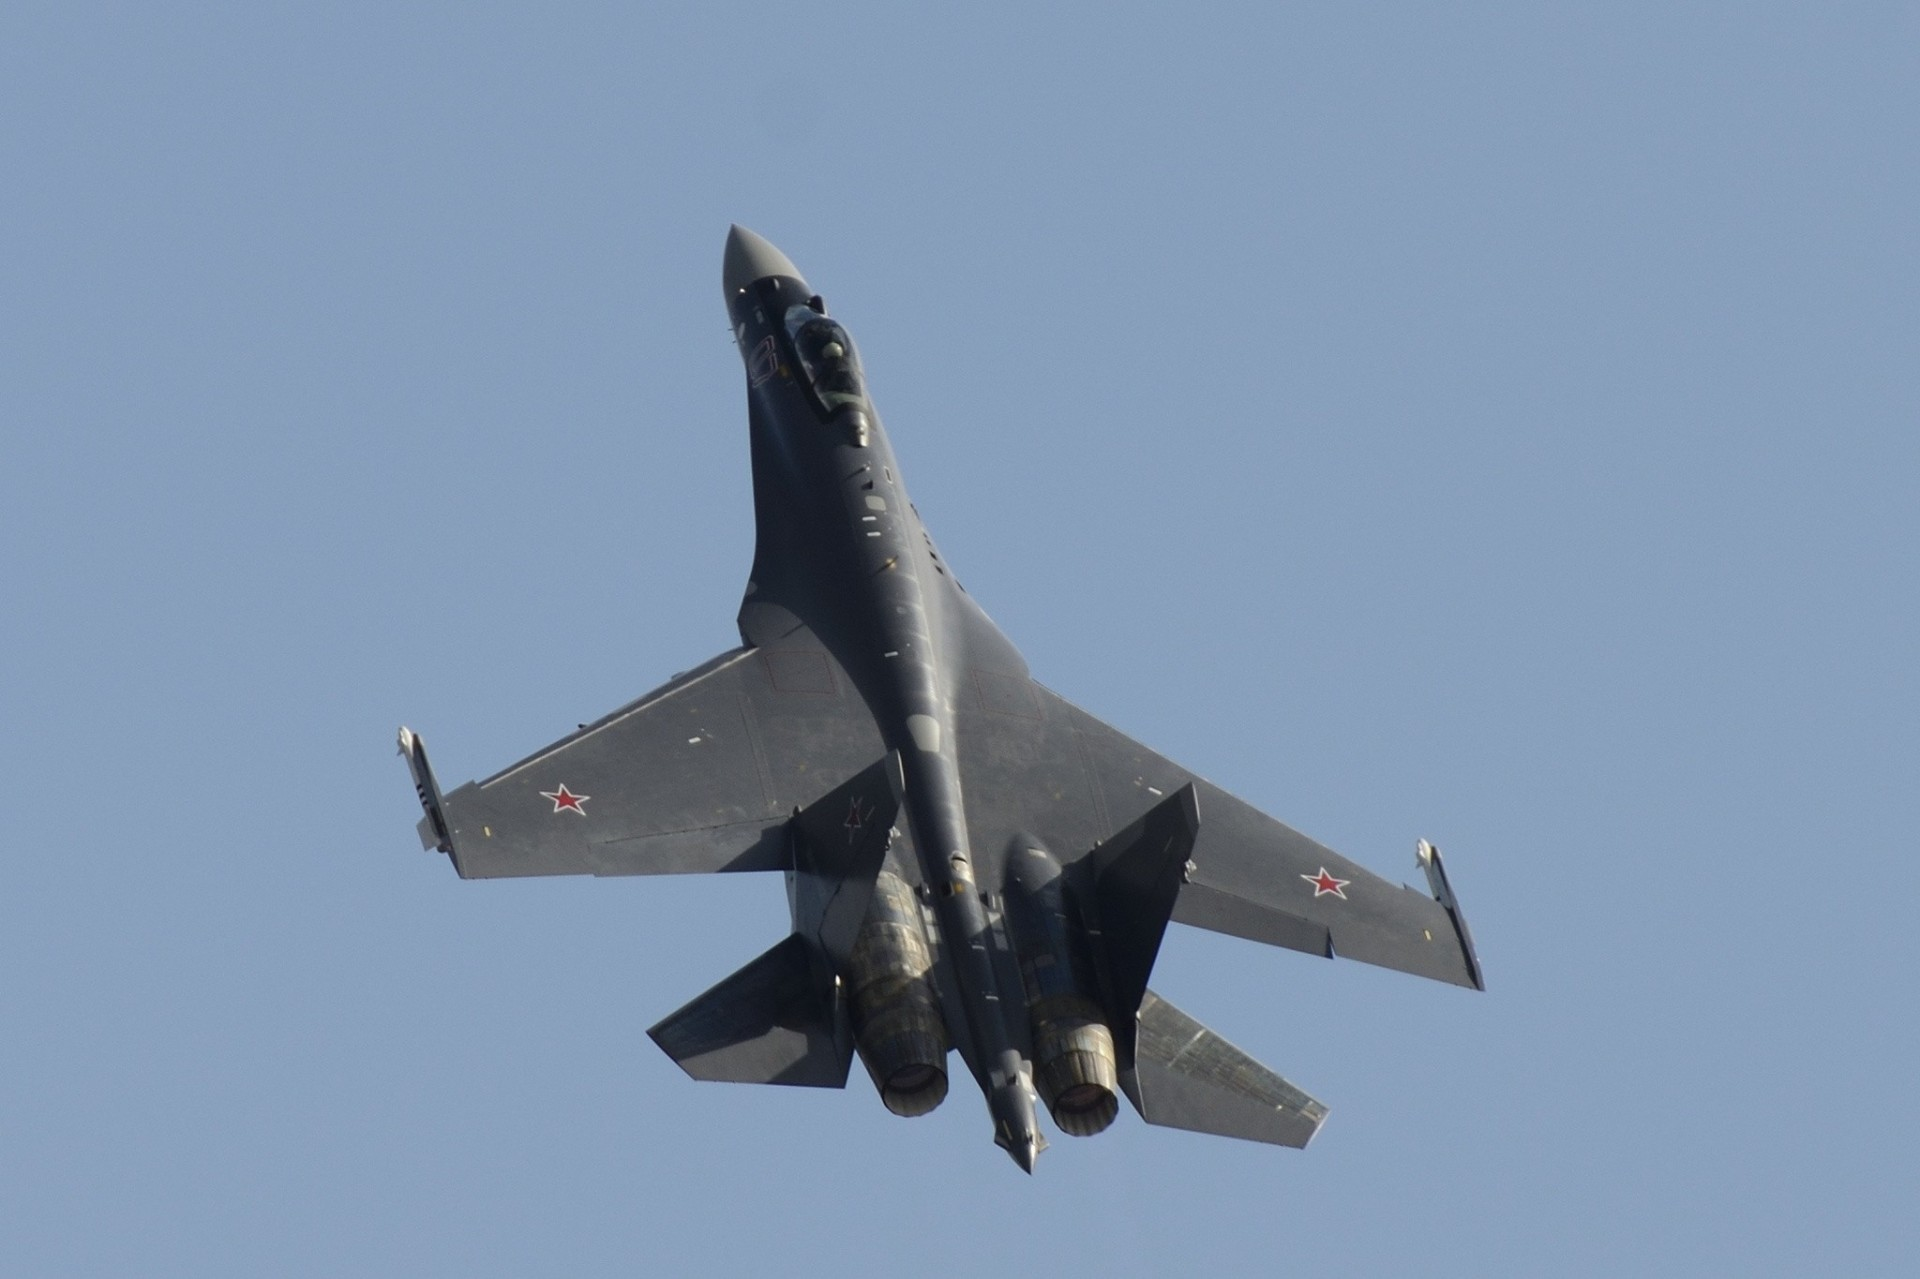 Обои сверхманевренный, Самолёт, многоцелевой, Su-35. Авиация foto 10